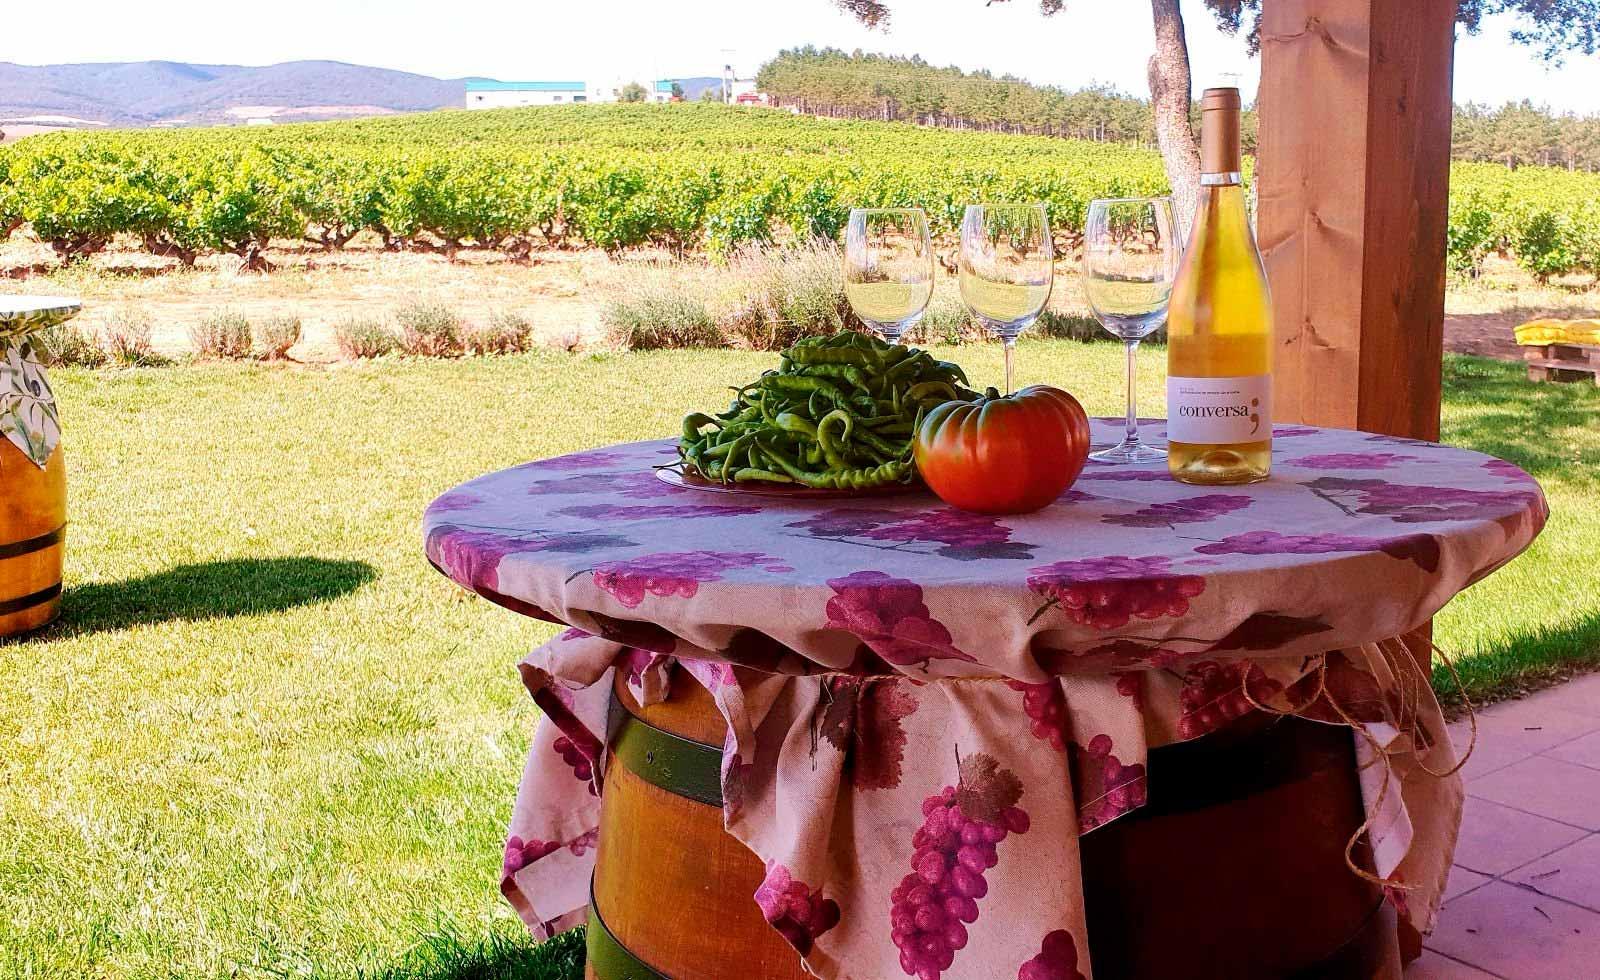 Comprar blanco Rioja Conversa, de Finca Vistahermosa